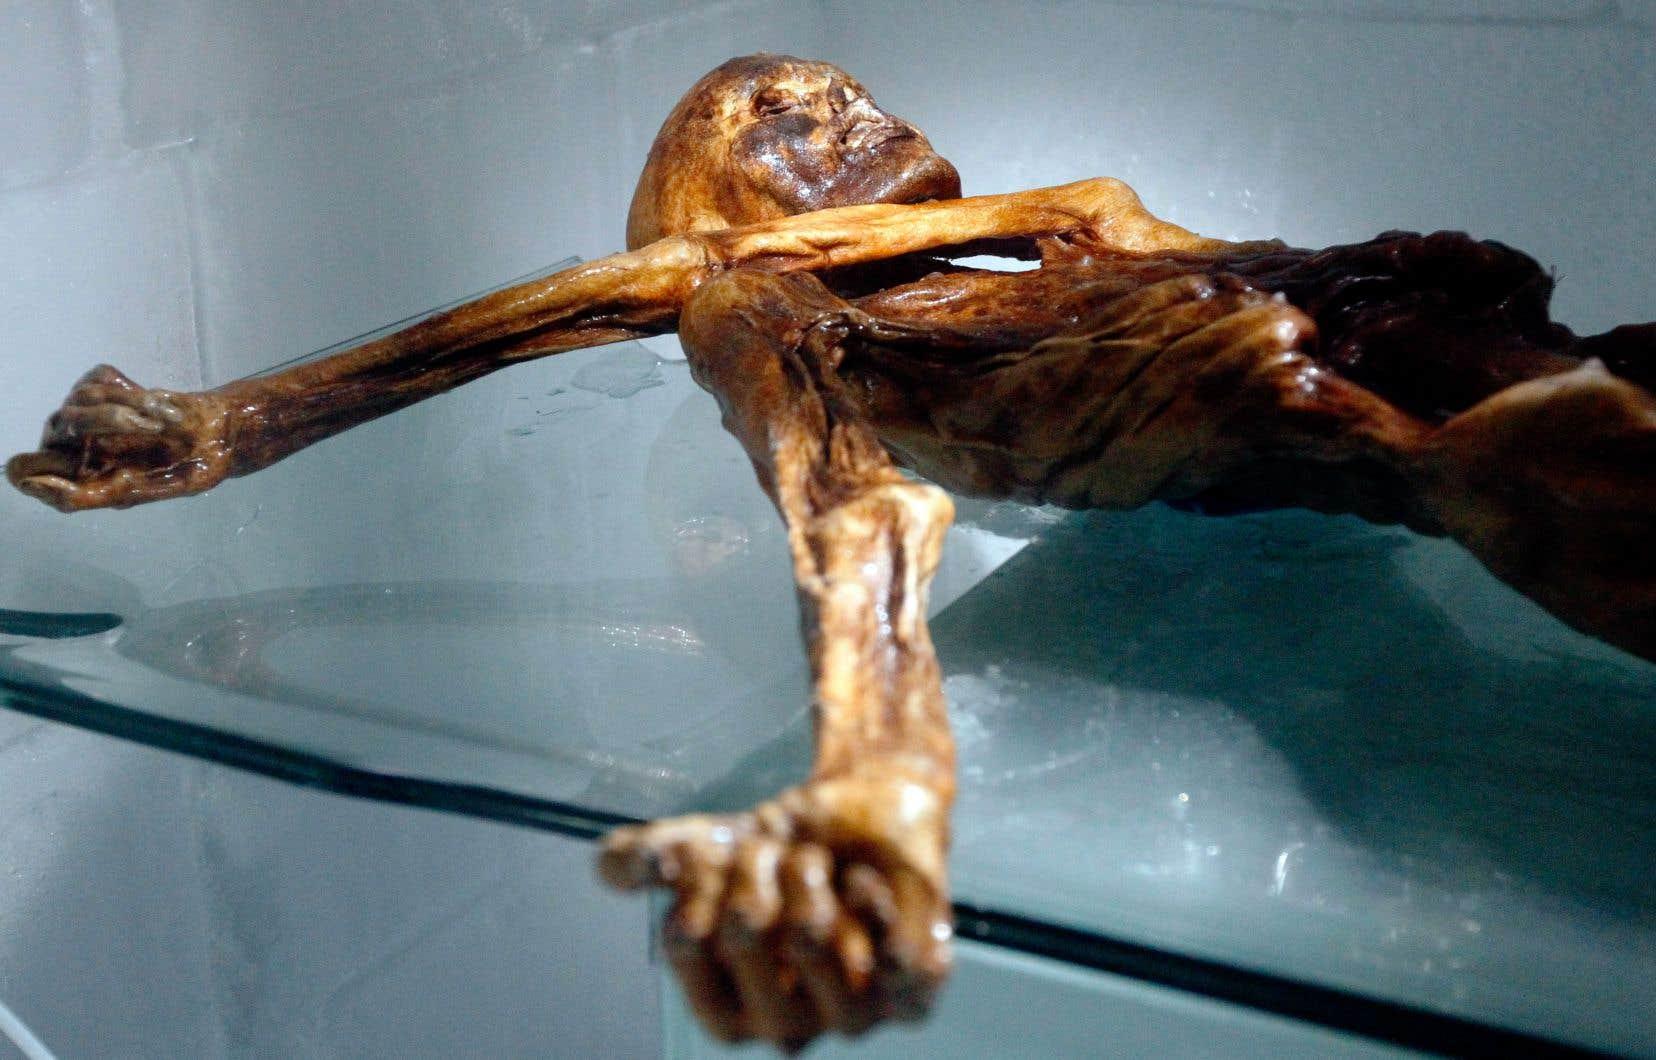 Le cadavre, découvert dans les Alpes italiennes en 1991, est maintenant exposé au Musée d'archéologie du Sud-Tyrol, à Bolzano.